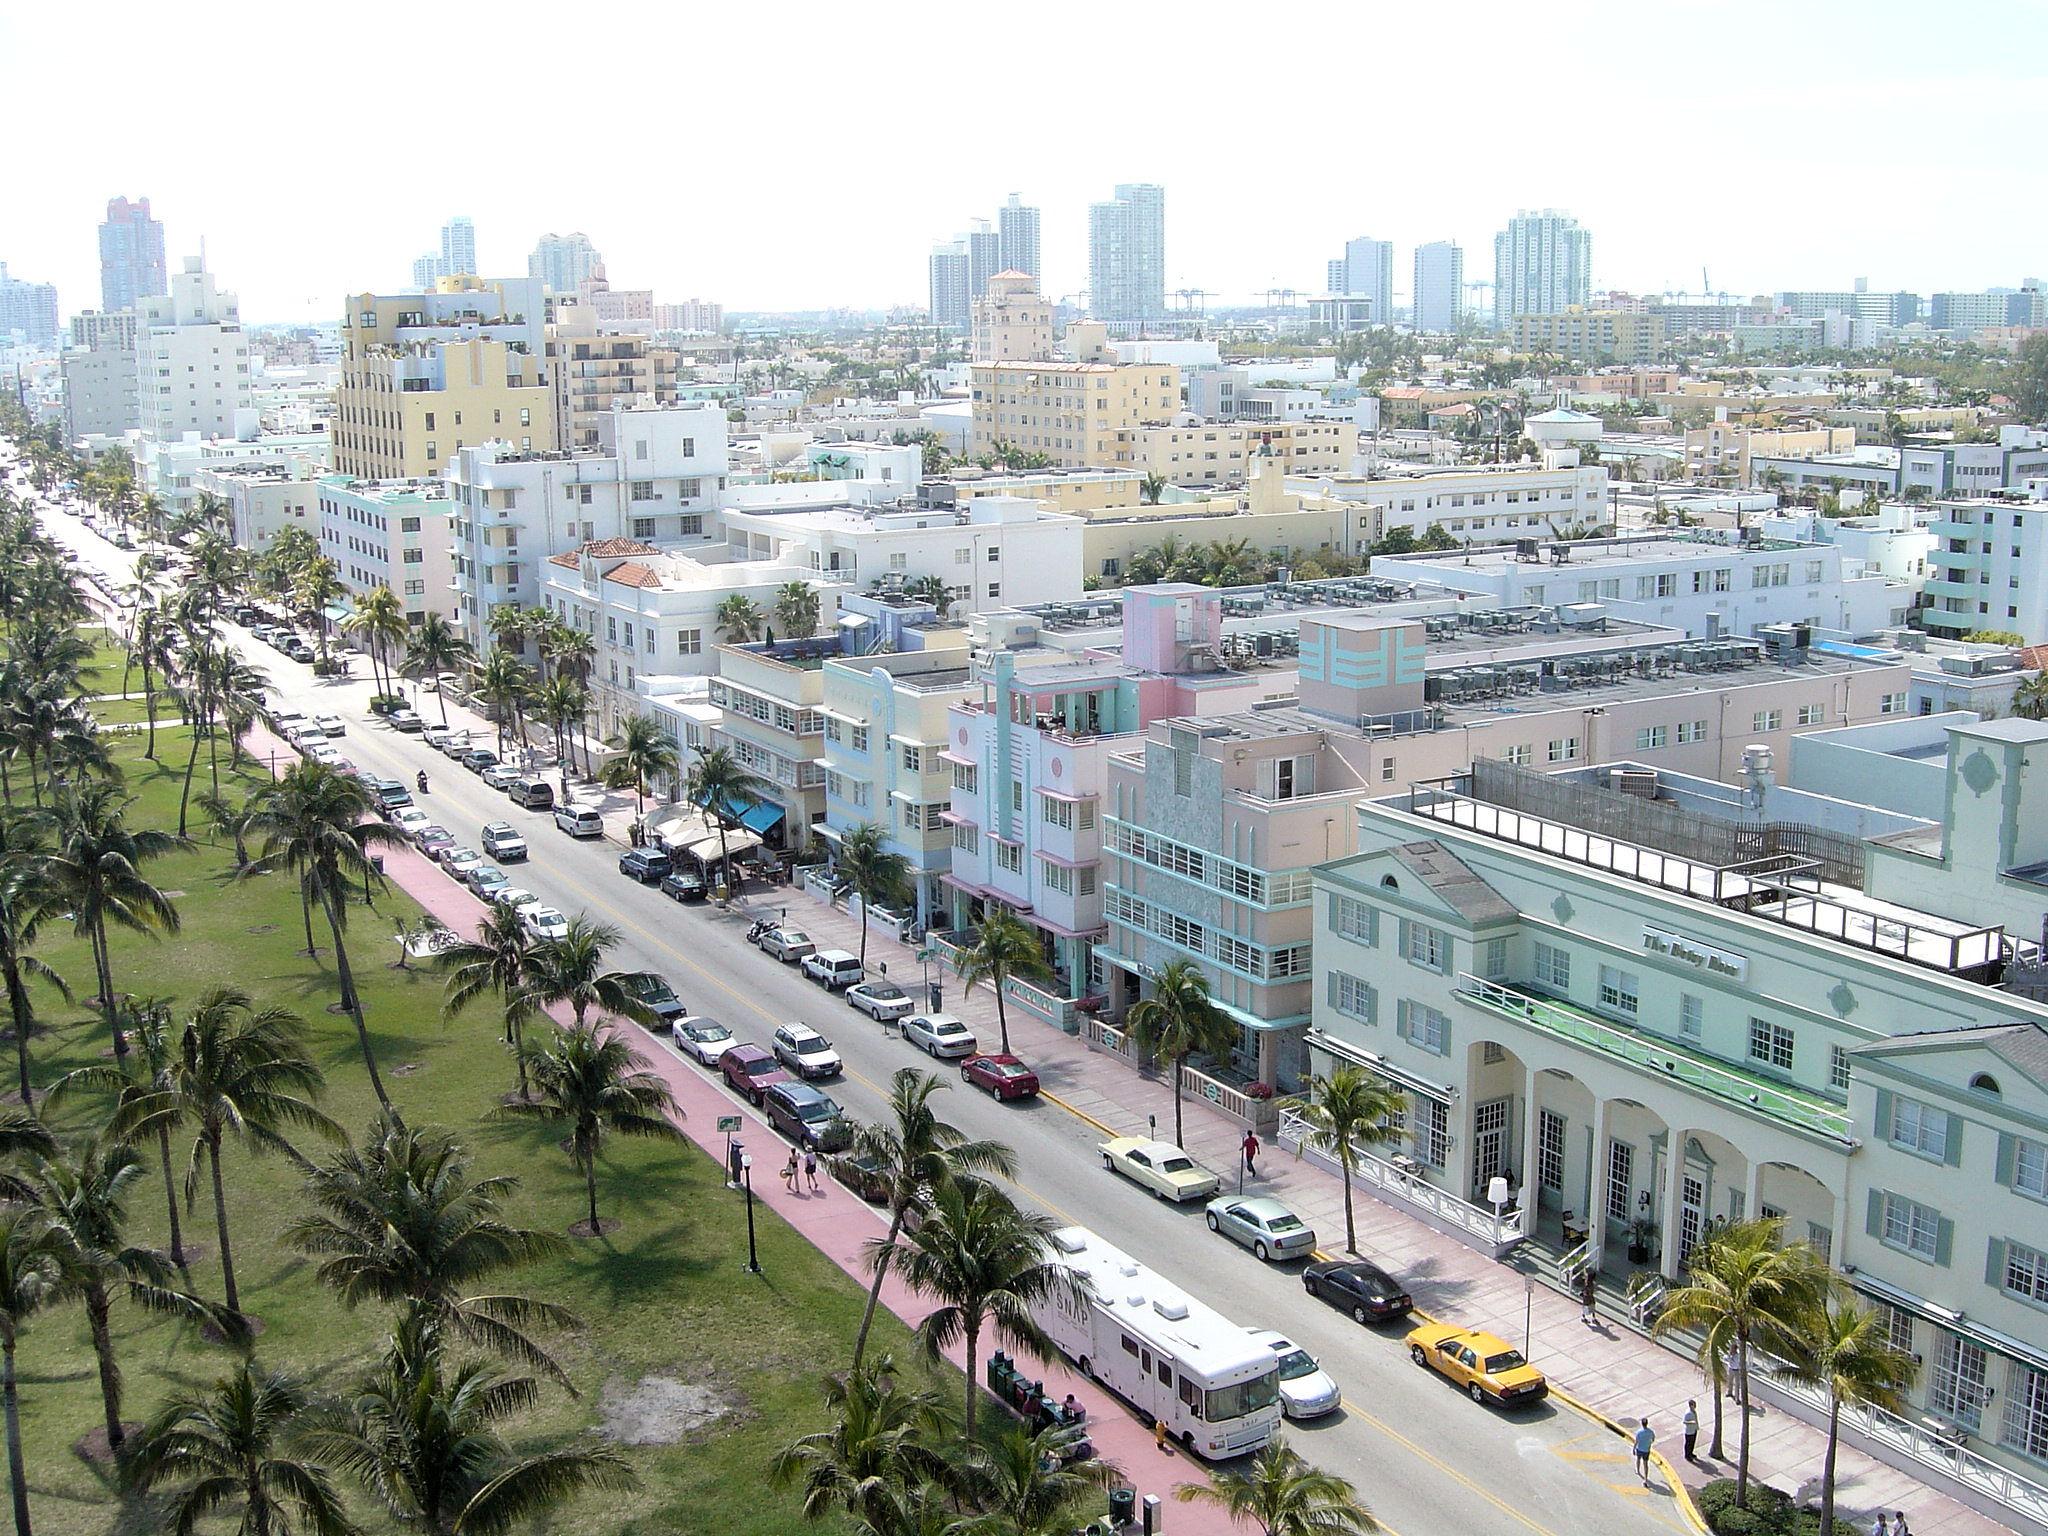 Miami Beach, Floryda - słynna Ocean Drive z budynkami w stylu Art Deco